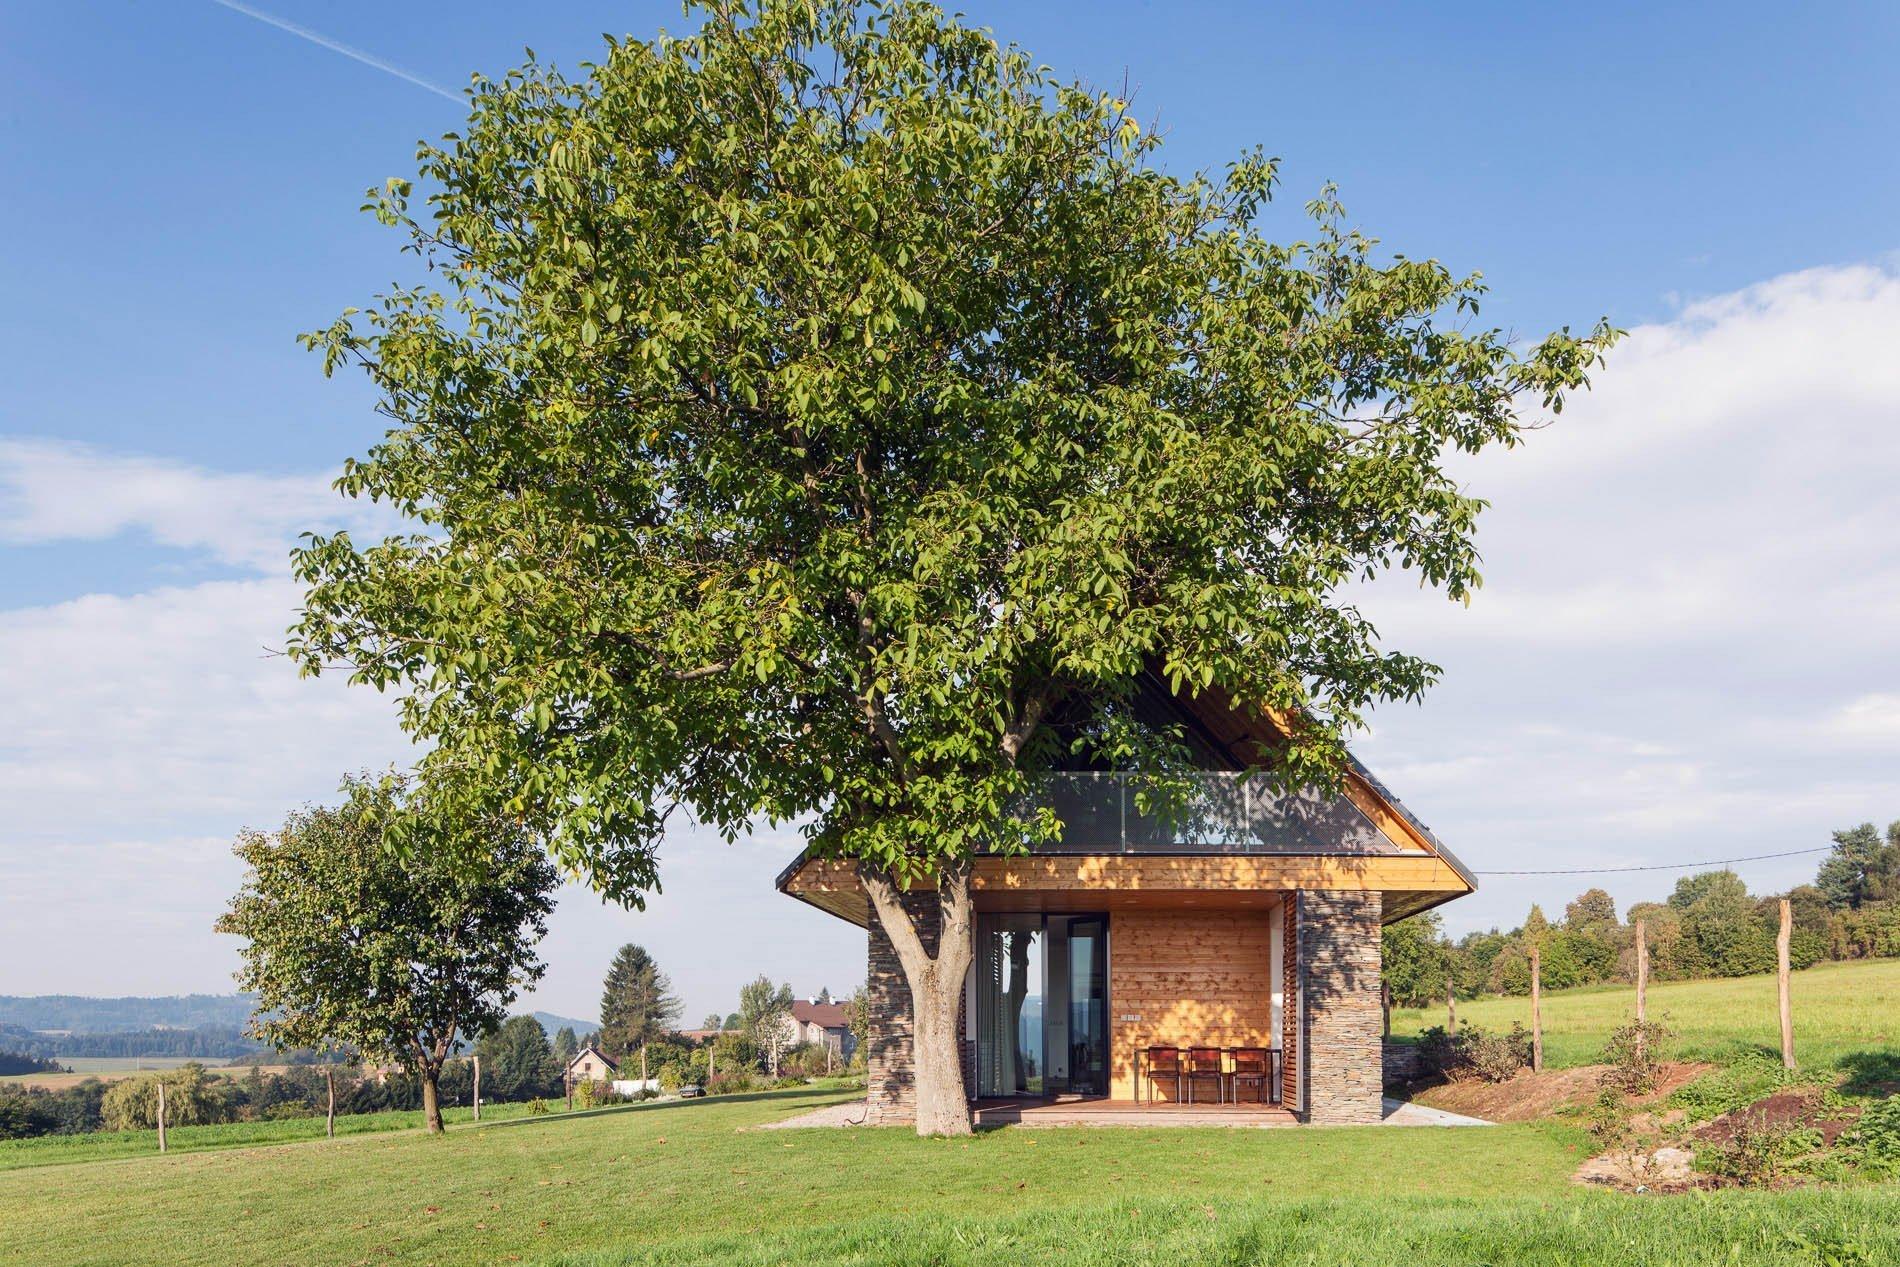 Bydlení podobající se stodole je v současnosti jedním z nejvyhledávanějších typů bydlení – obzvláště ve chvíli, kdy bydlíte v blízkosti přírody. Kromě rekonstrukcí původních stodol jde však i o stavby nových budov obdobného charakteru. Ukázkovým případem je i tento dům v Železném Brodě.